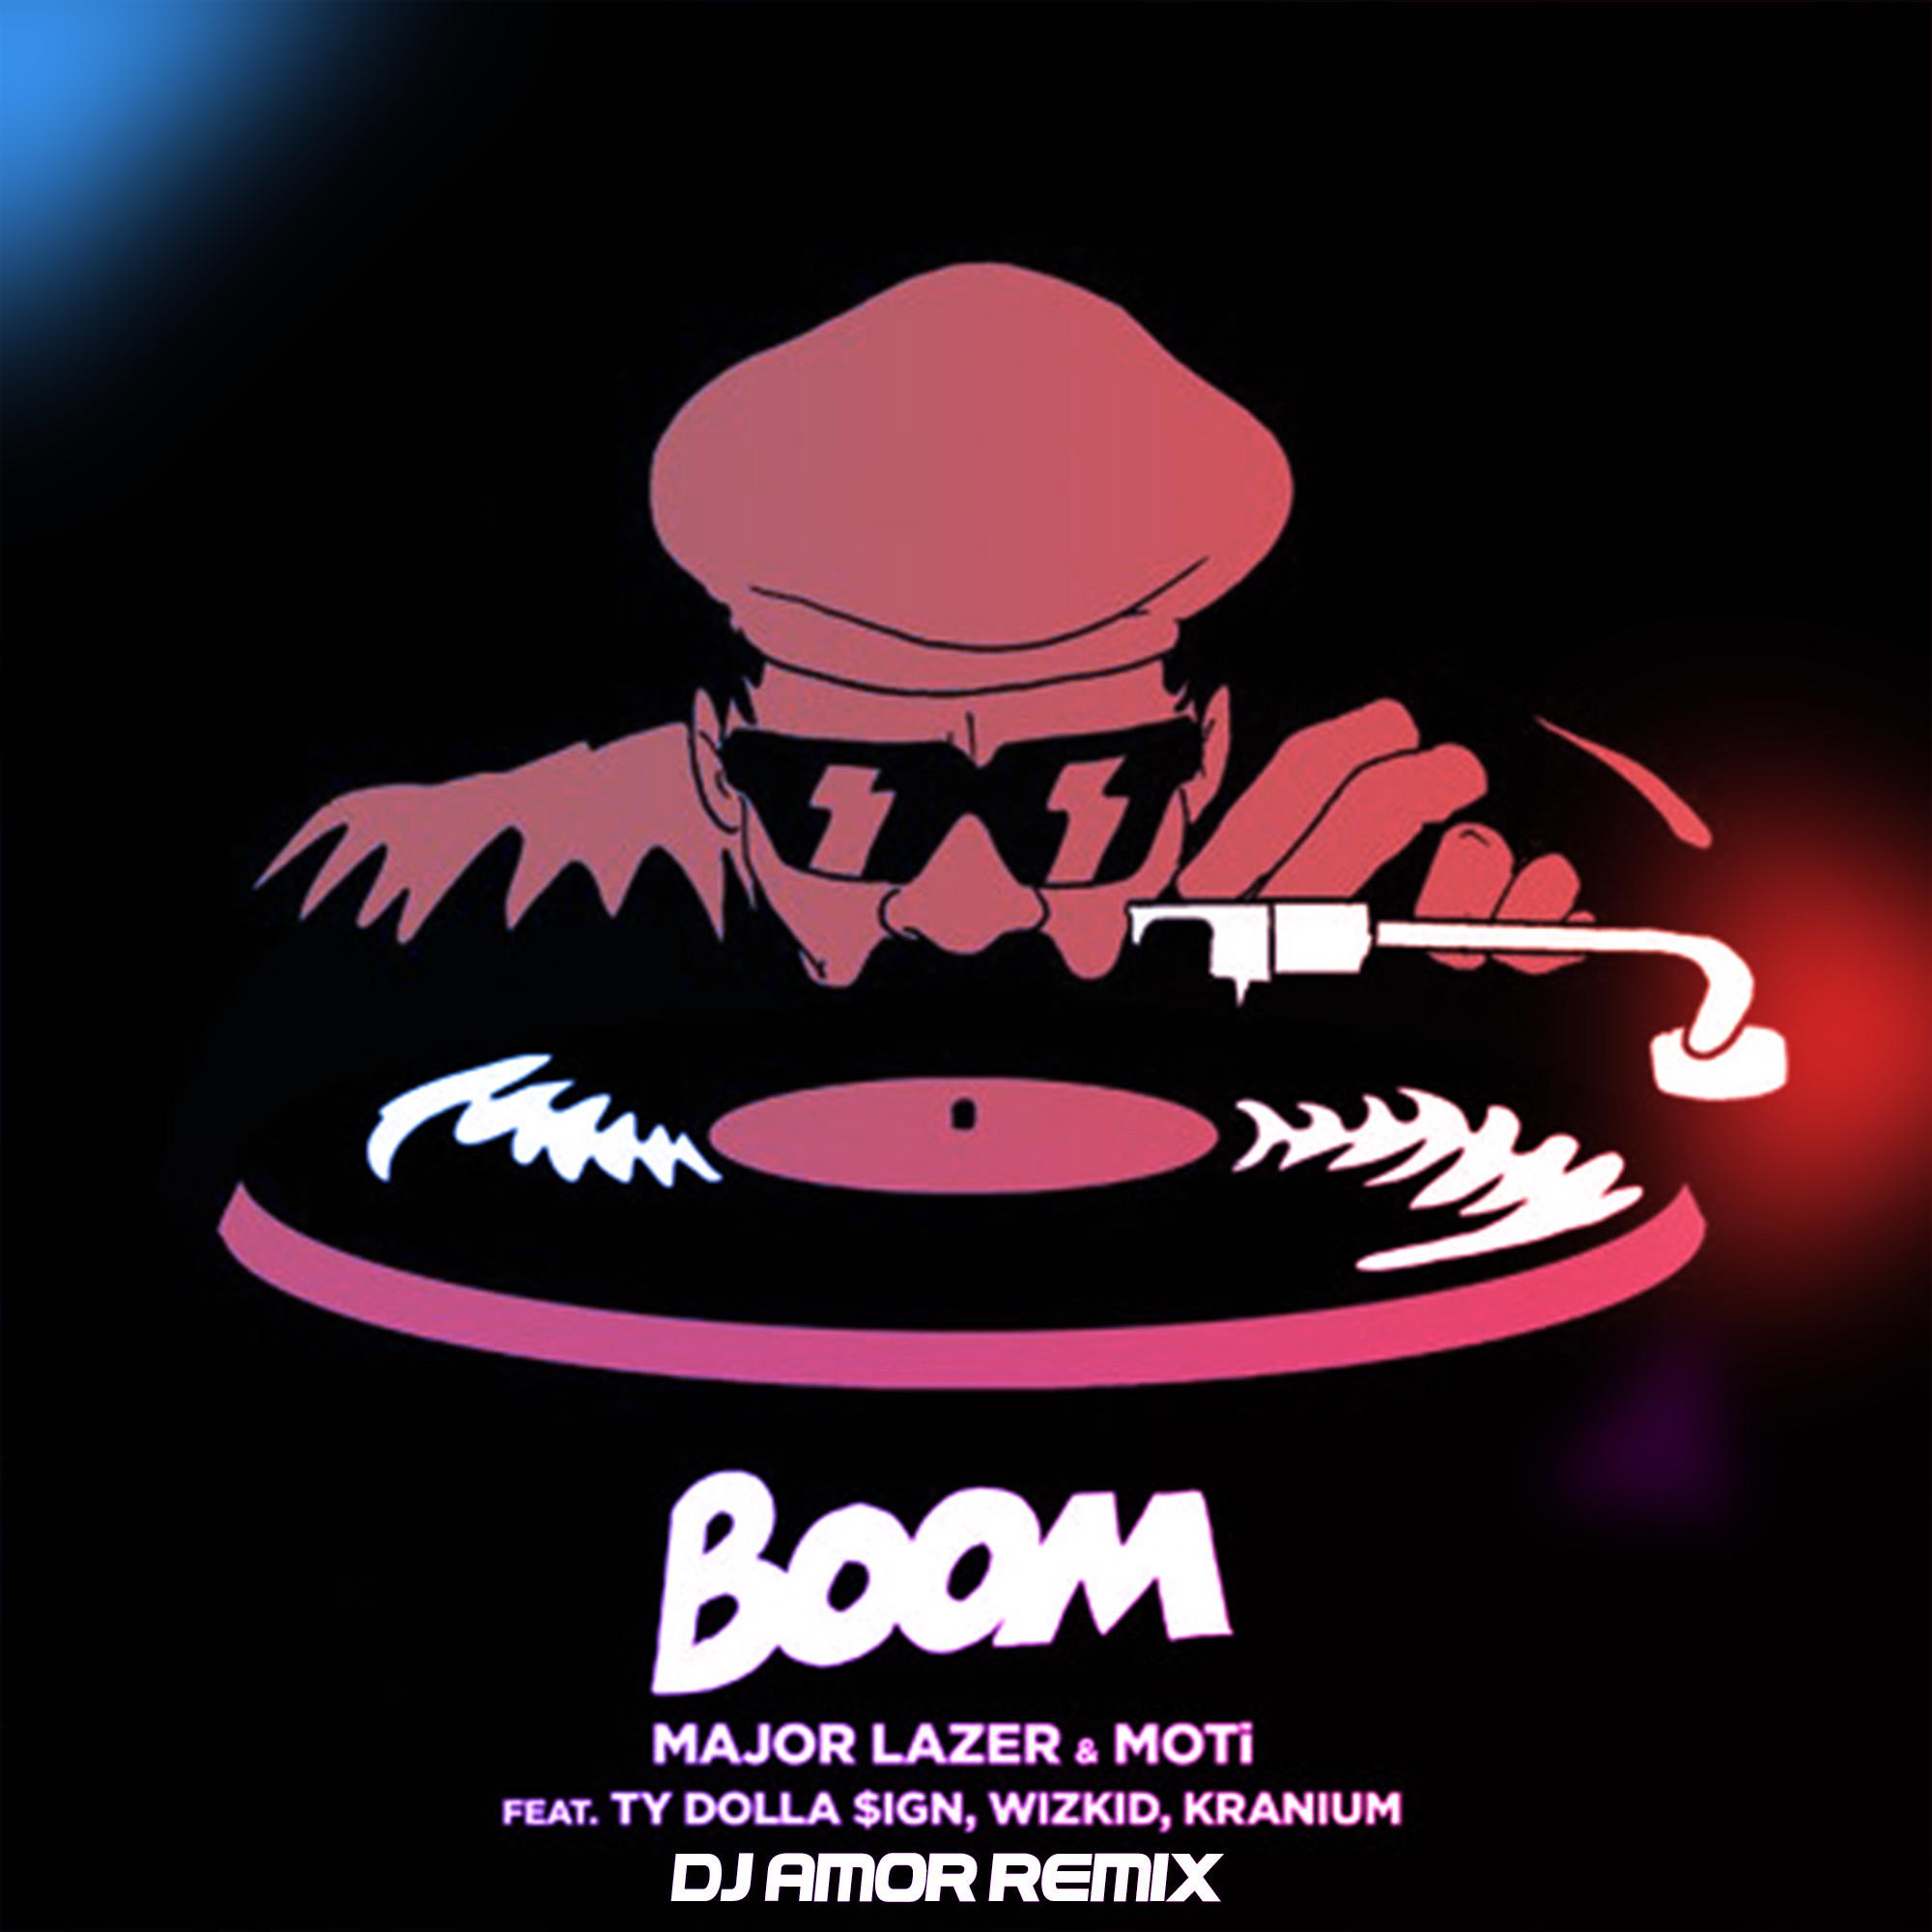 Major lazer boom скачать